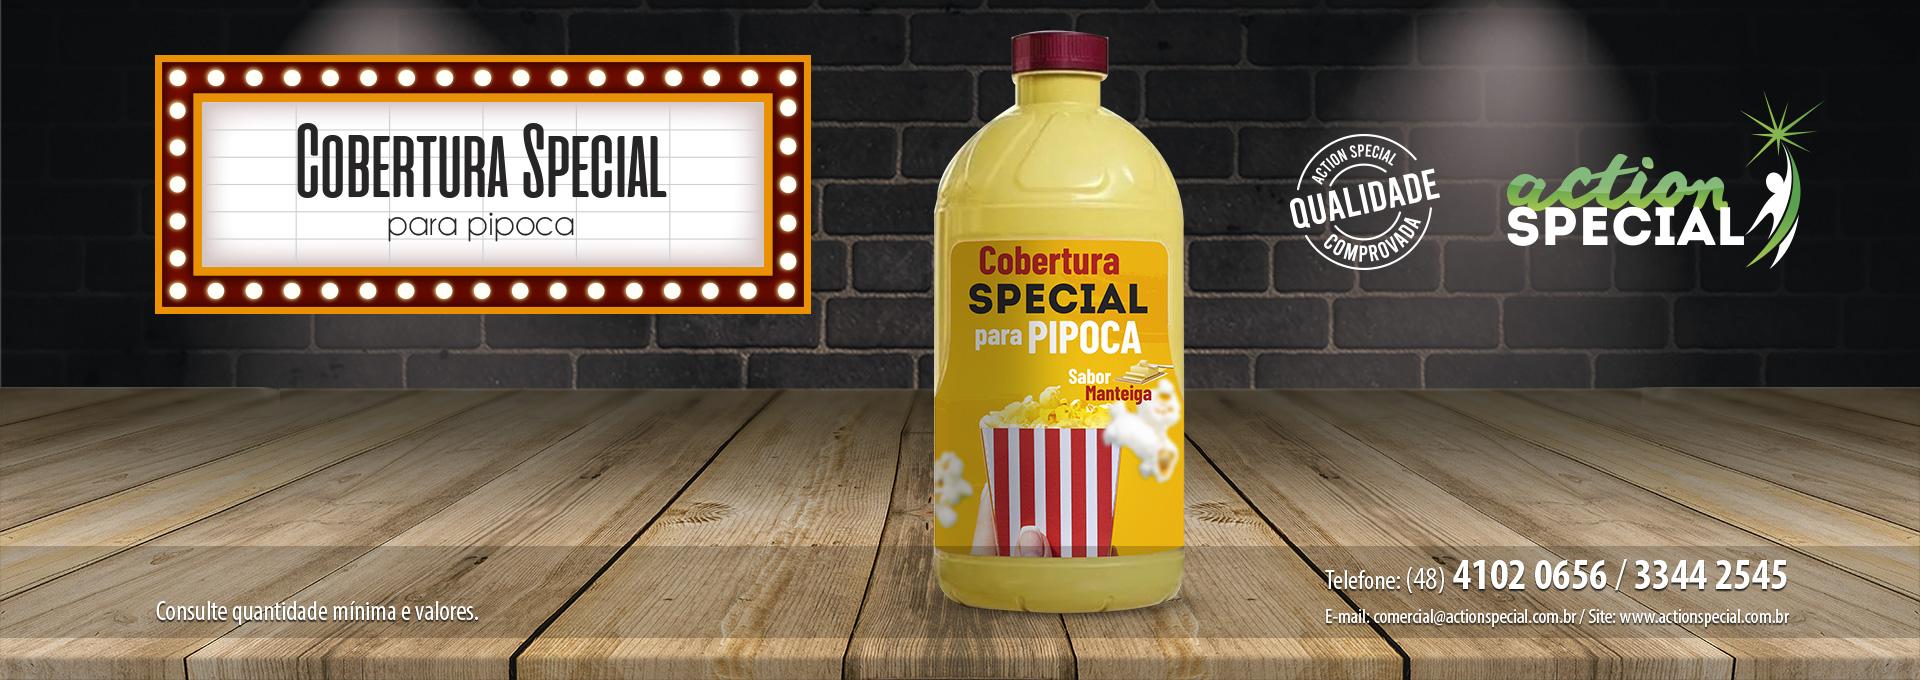 Banner_Cobertura_Special_Manteiga_Site